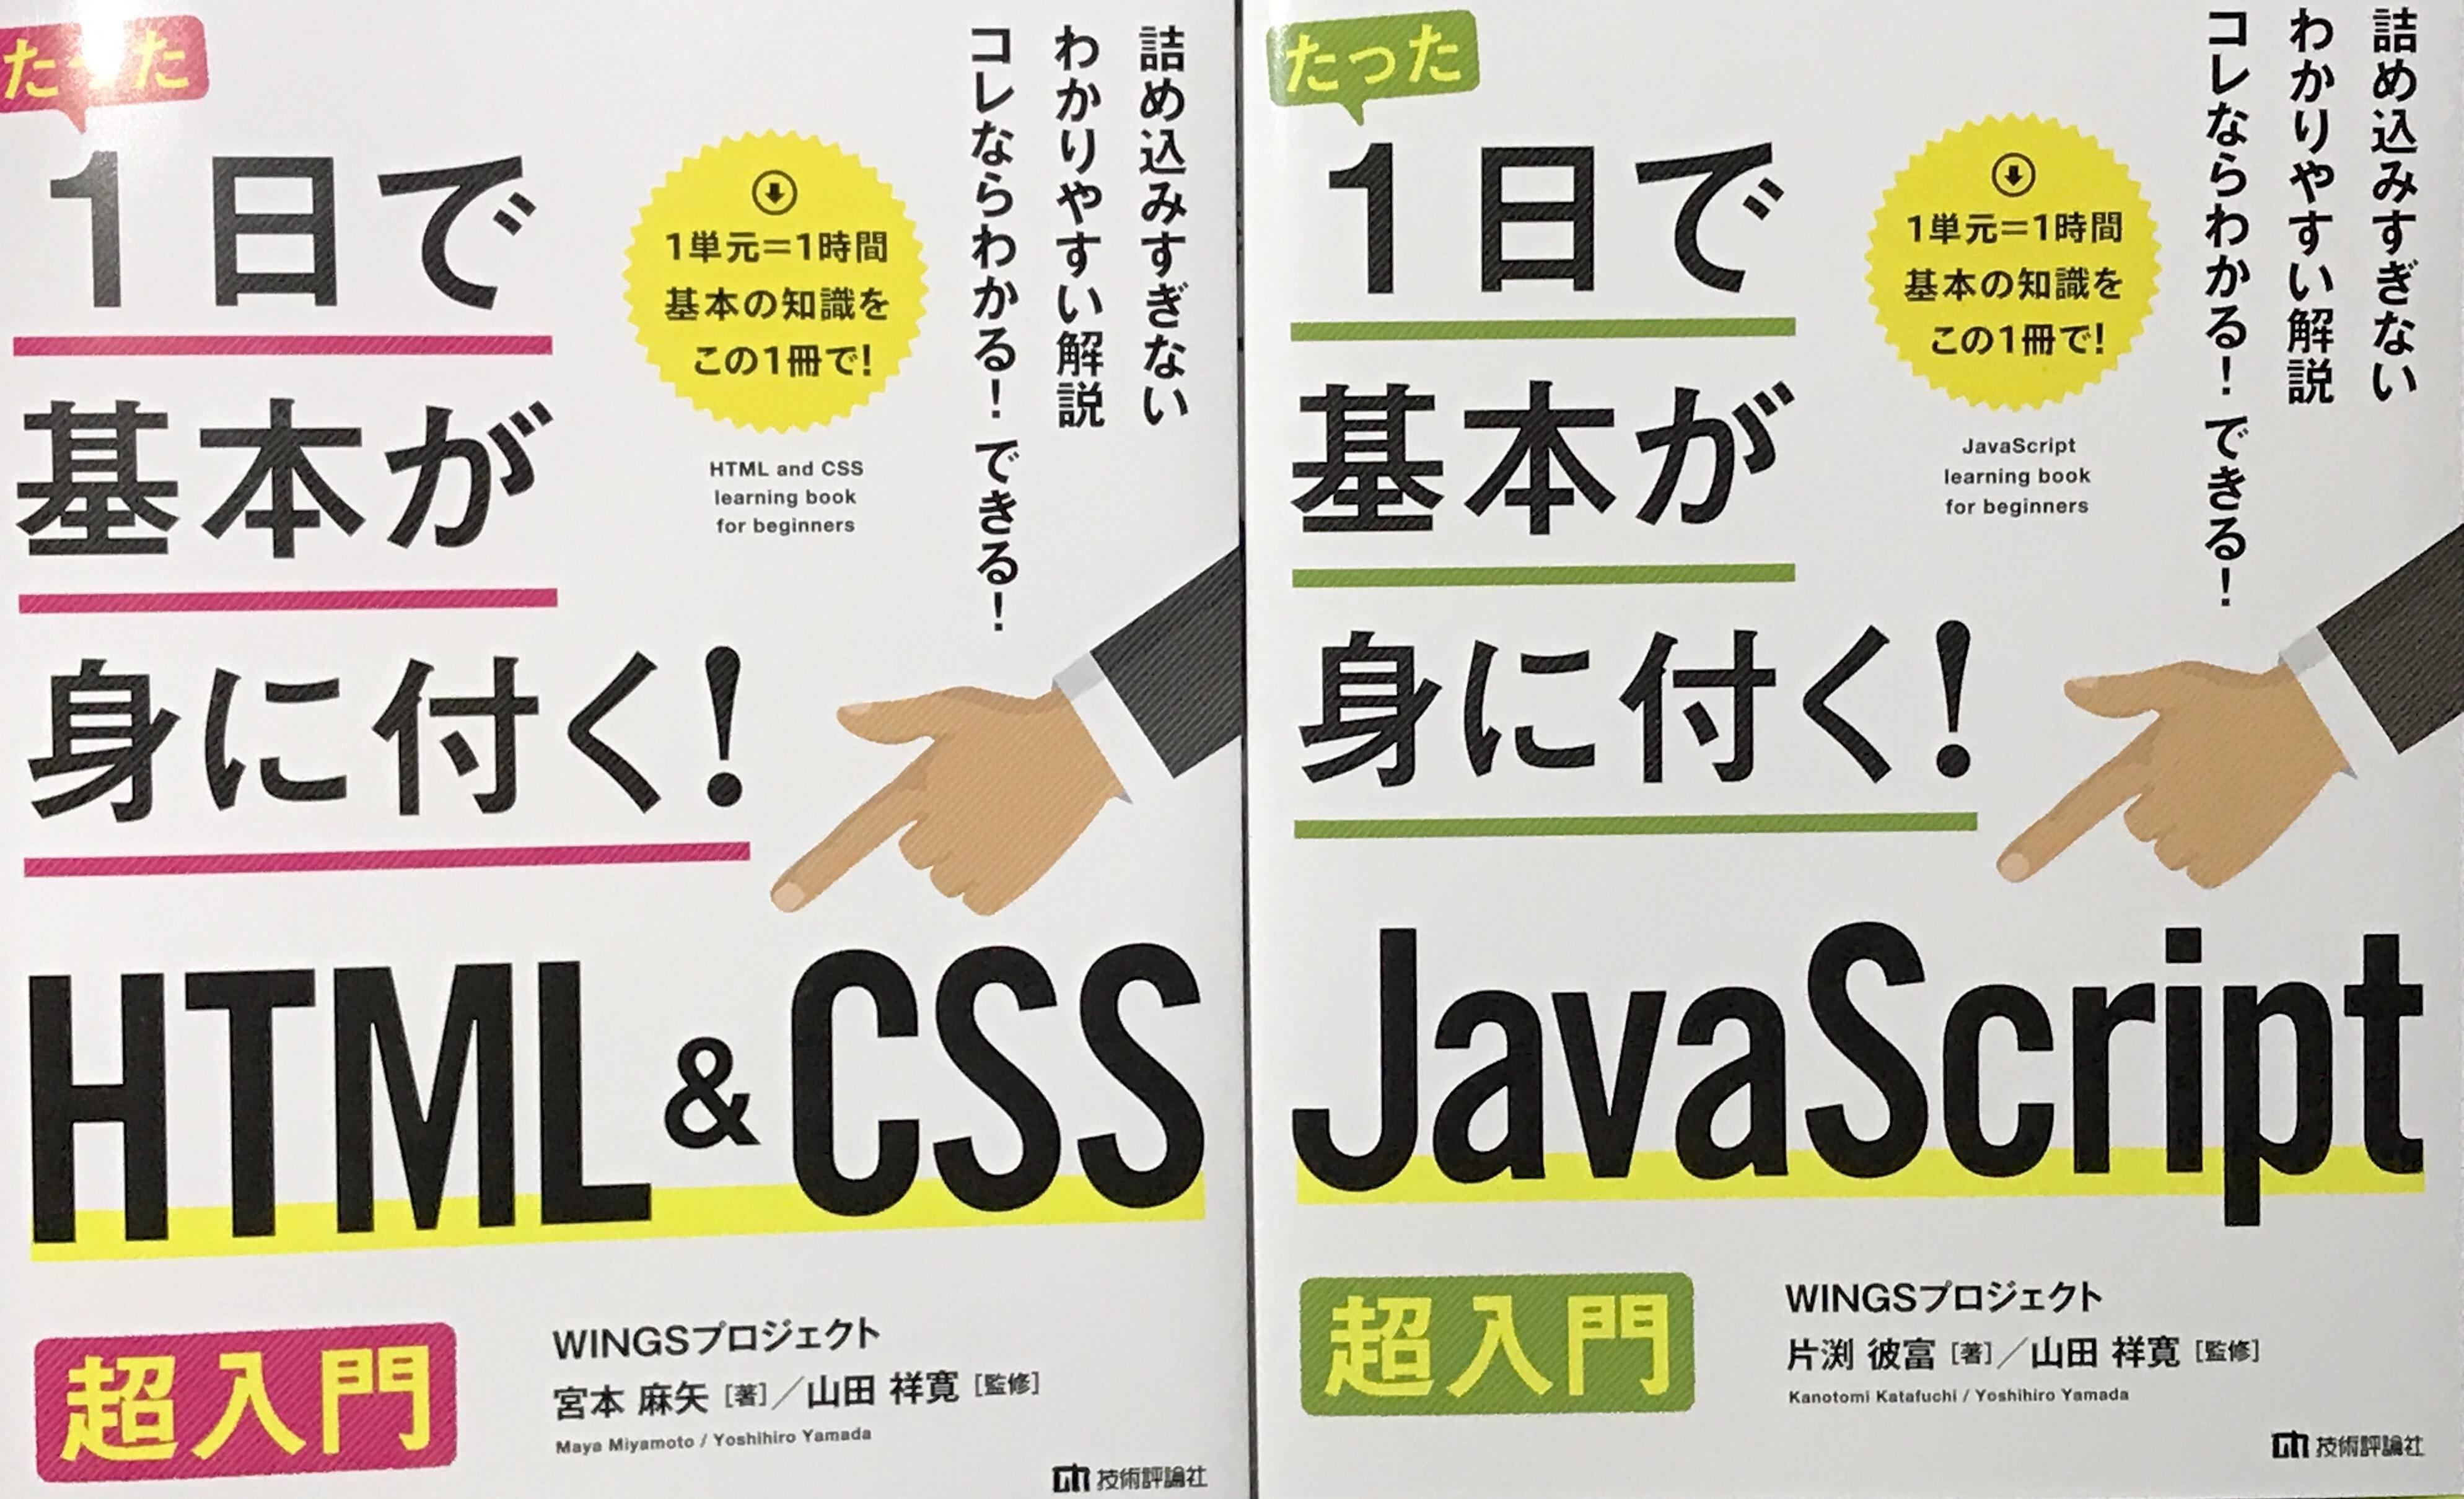 【書評】「たった1日で基本が身に付く! HTML&CSS 超入門」と「たった1日で基本が身に付く! JavaScript 超入門」の2冊でフロントエンド開発の基礎を学ぶ